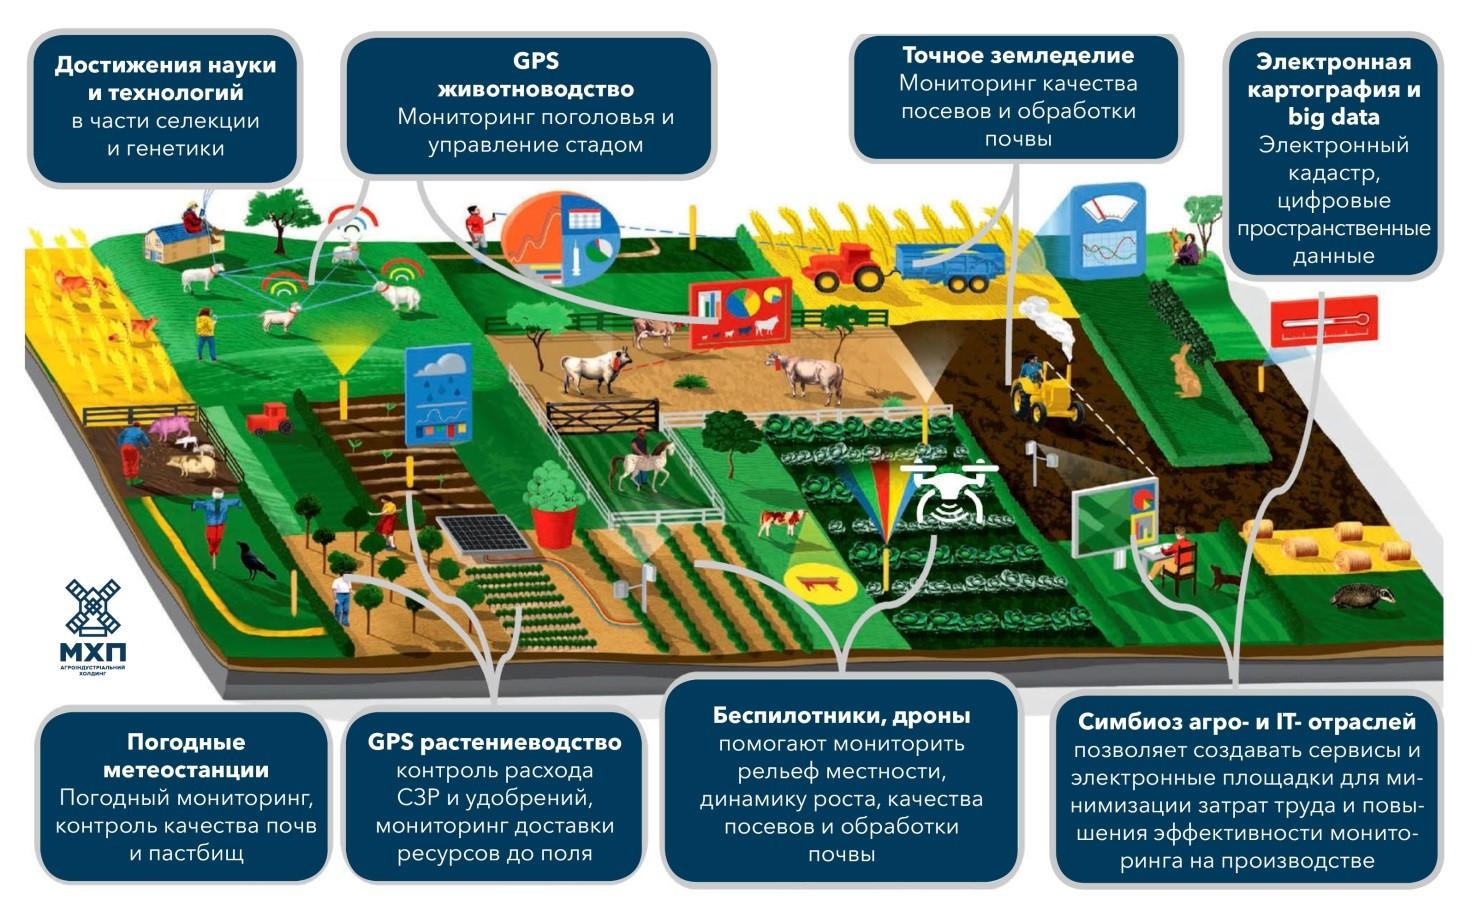 Гости из будущего. Как инновации помогают аграриям в работе